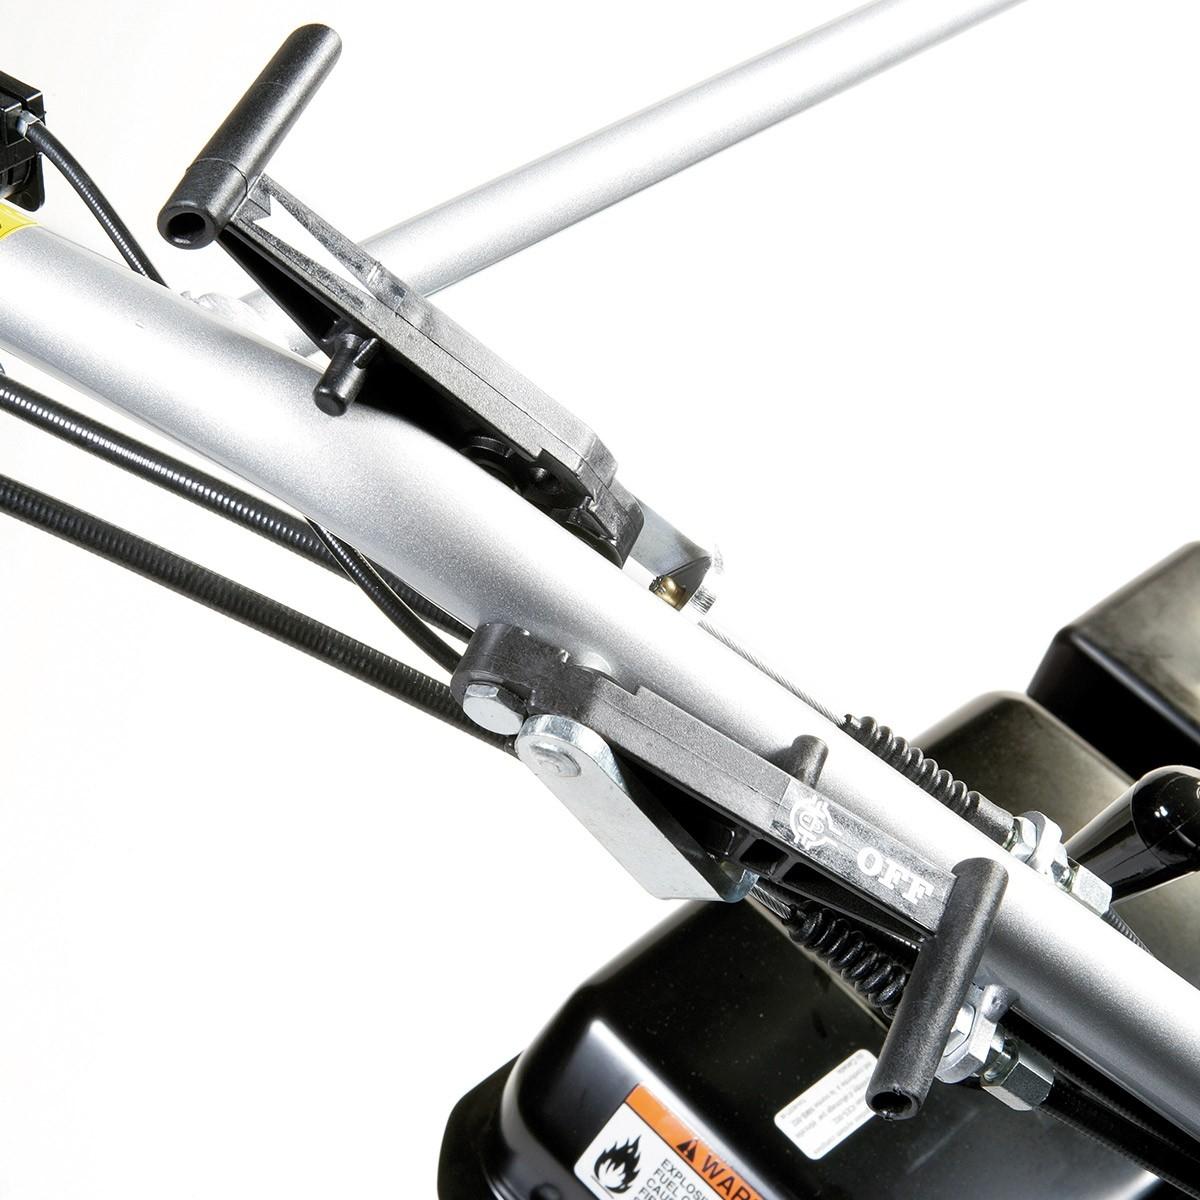 Motocositoare Bertolini 140, Honda GX200, 6.5 CP, 127 cm